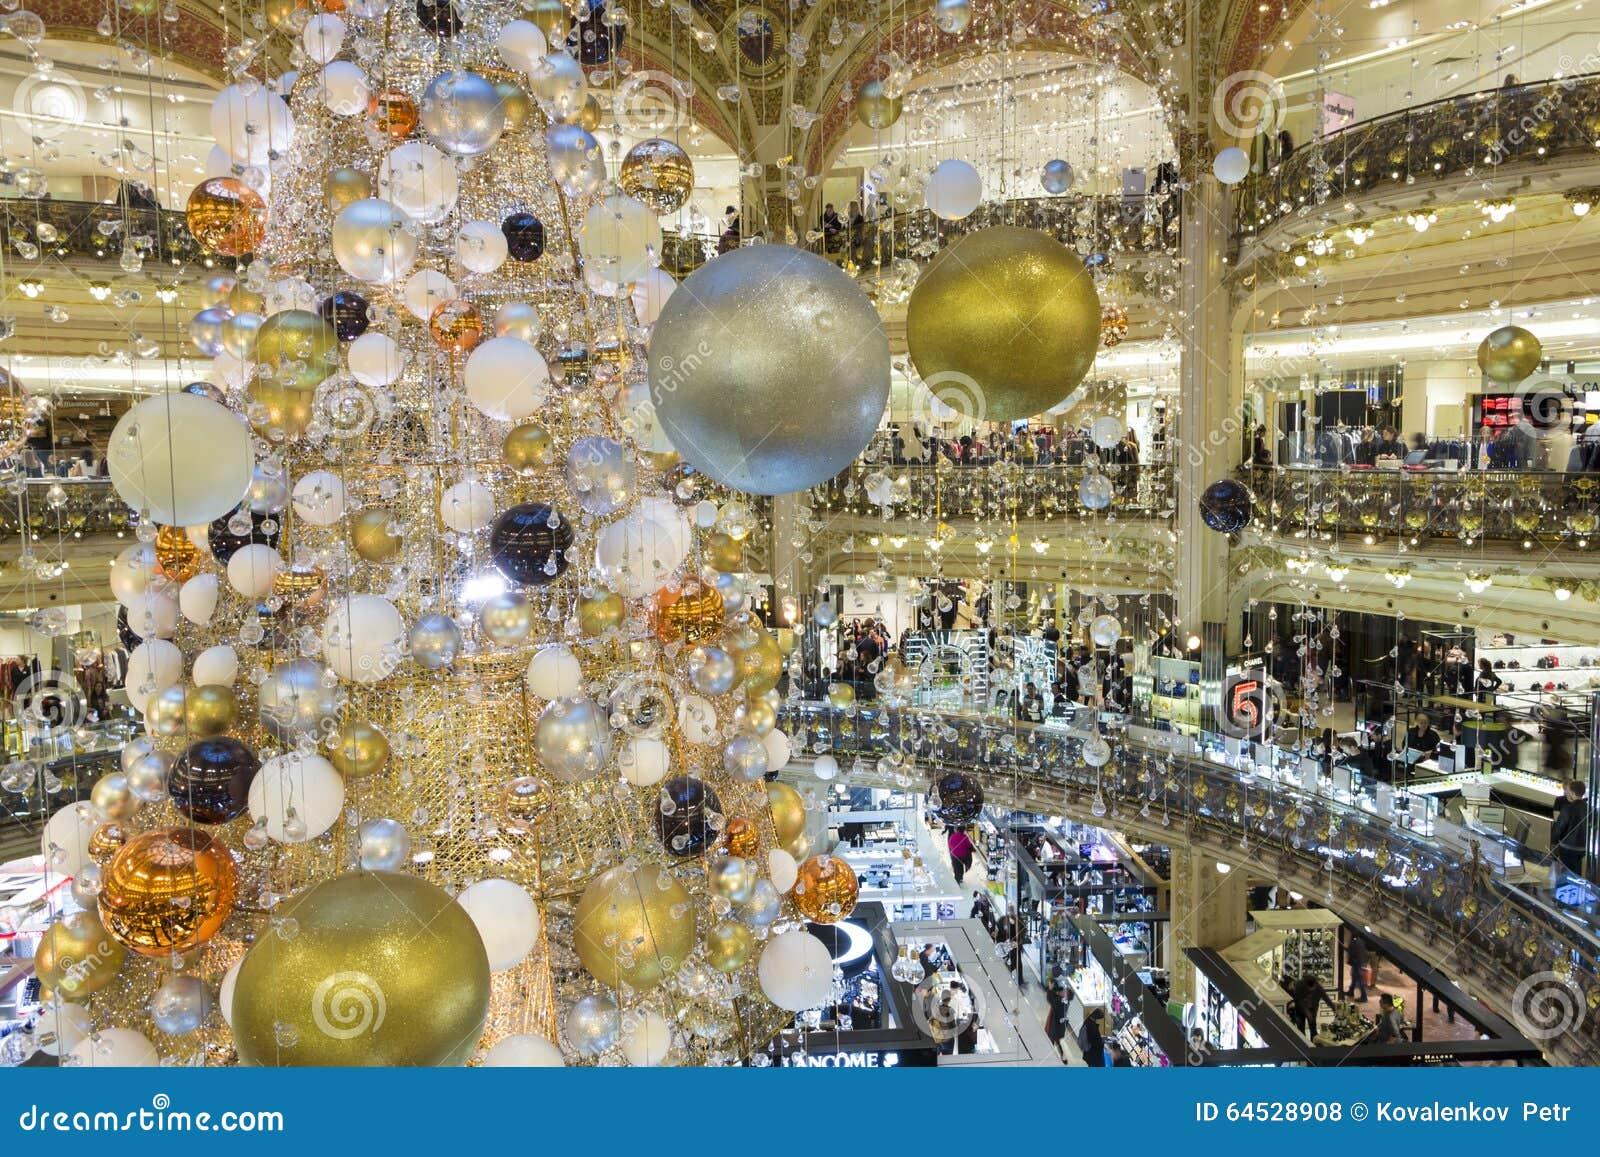 #997732 La Décoration De Noël Au Centre Commercial De Galeries  5431 décorations de noel galeries lafayette 1300x957 px @ aertt.com